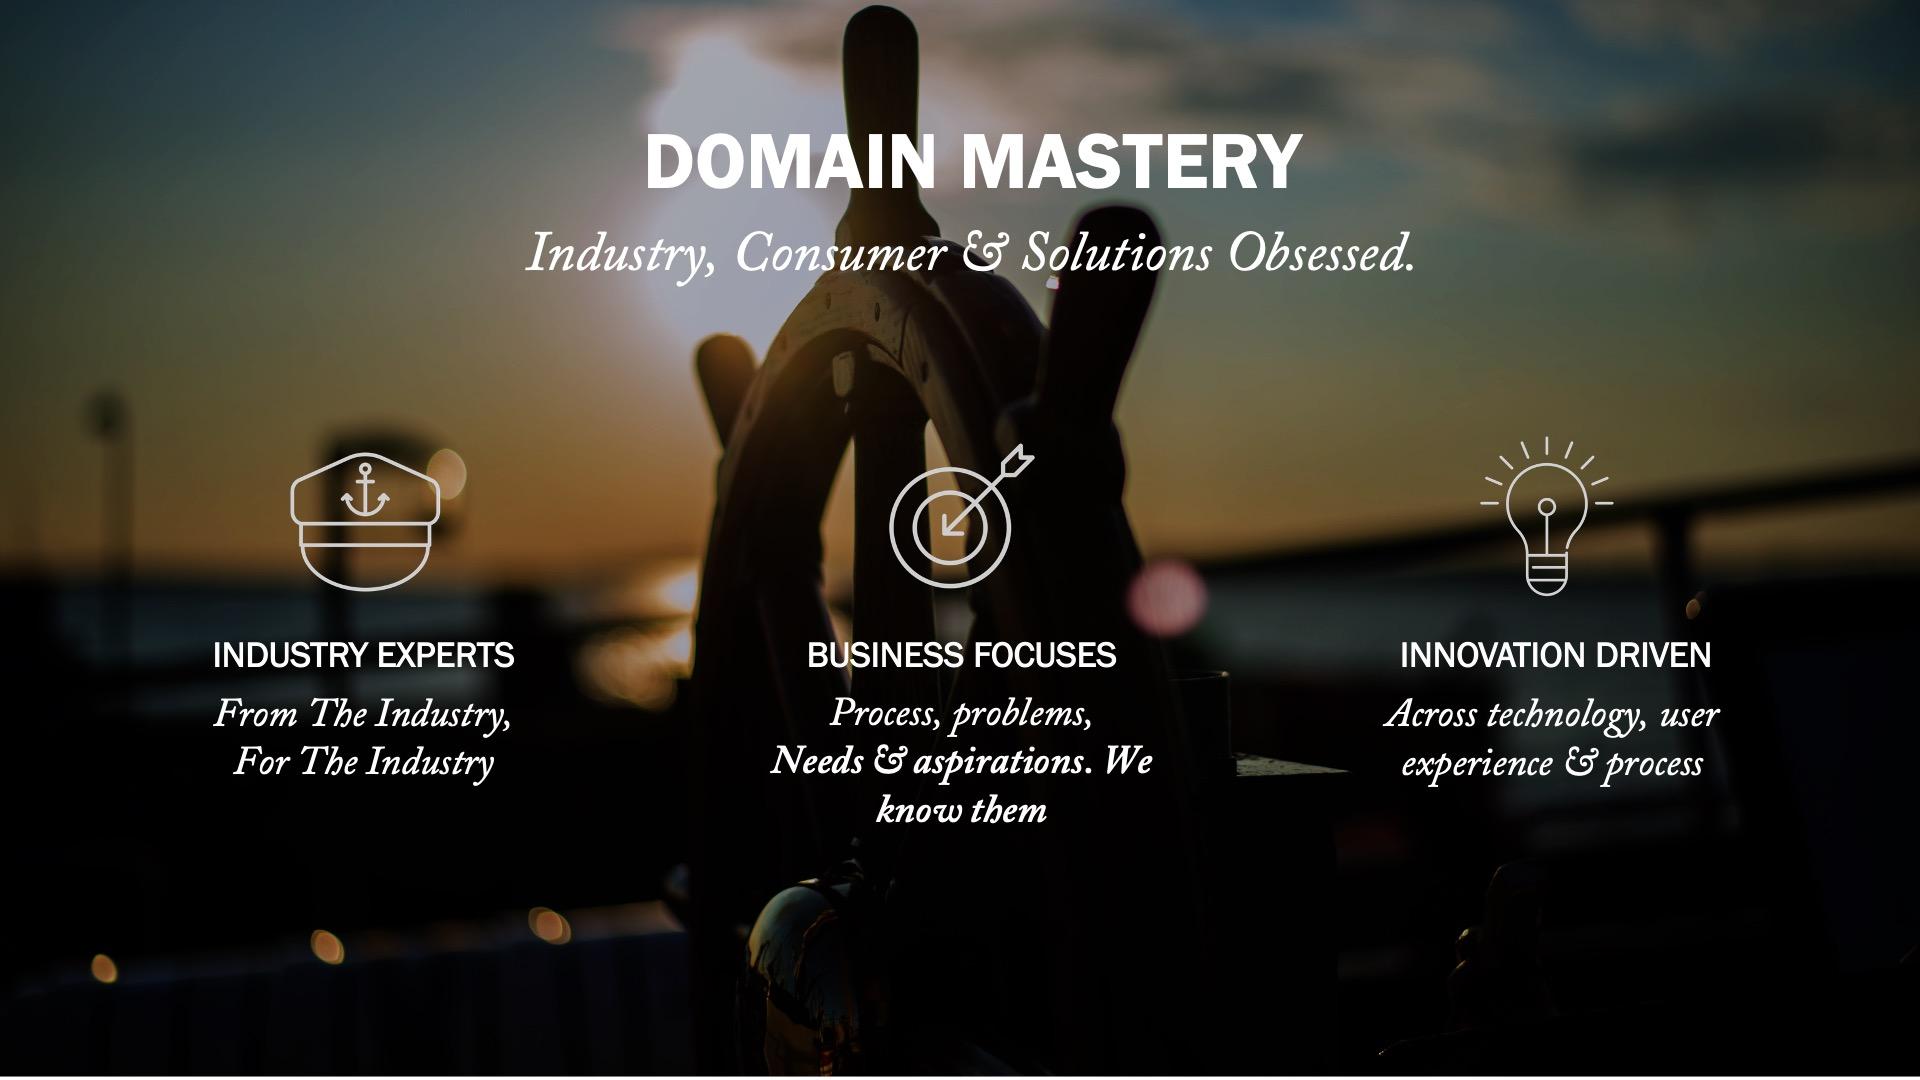 Quantum's domain mastery